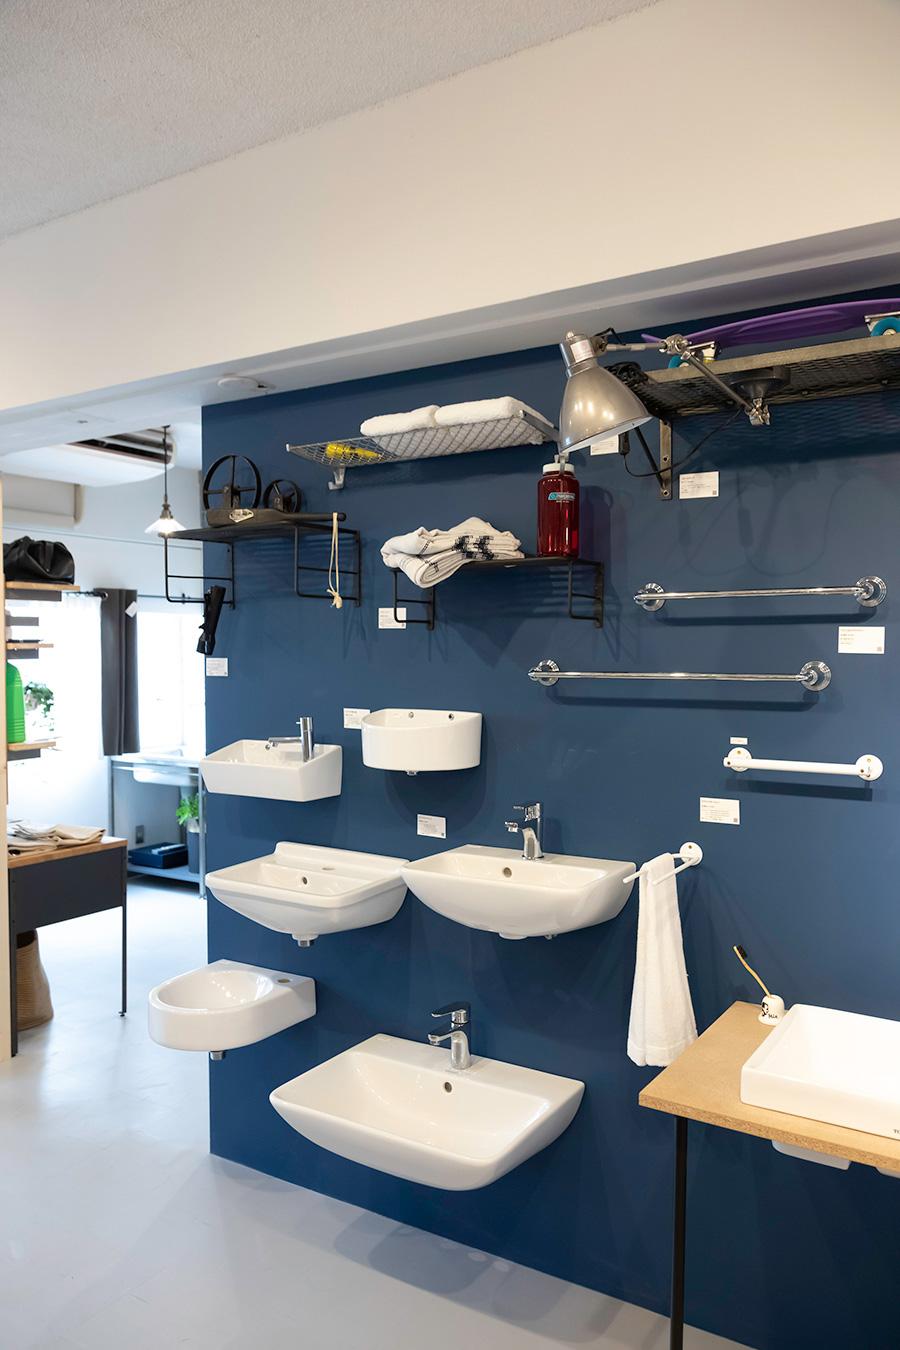 スクエア型、ラウンド型……。洗面や手洗いボウルのお気に入りを探そう。タオル掛けや、タオルを置いておける棚も。